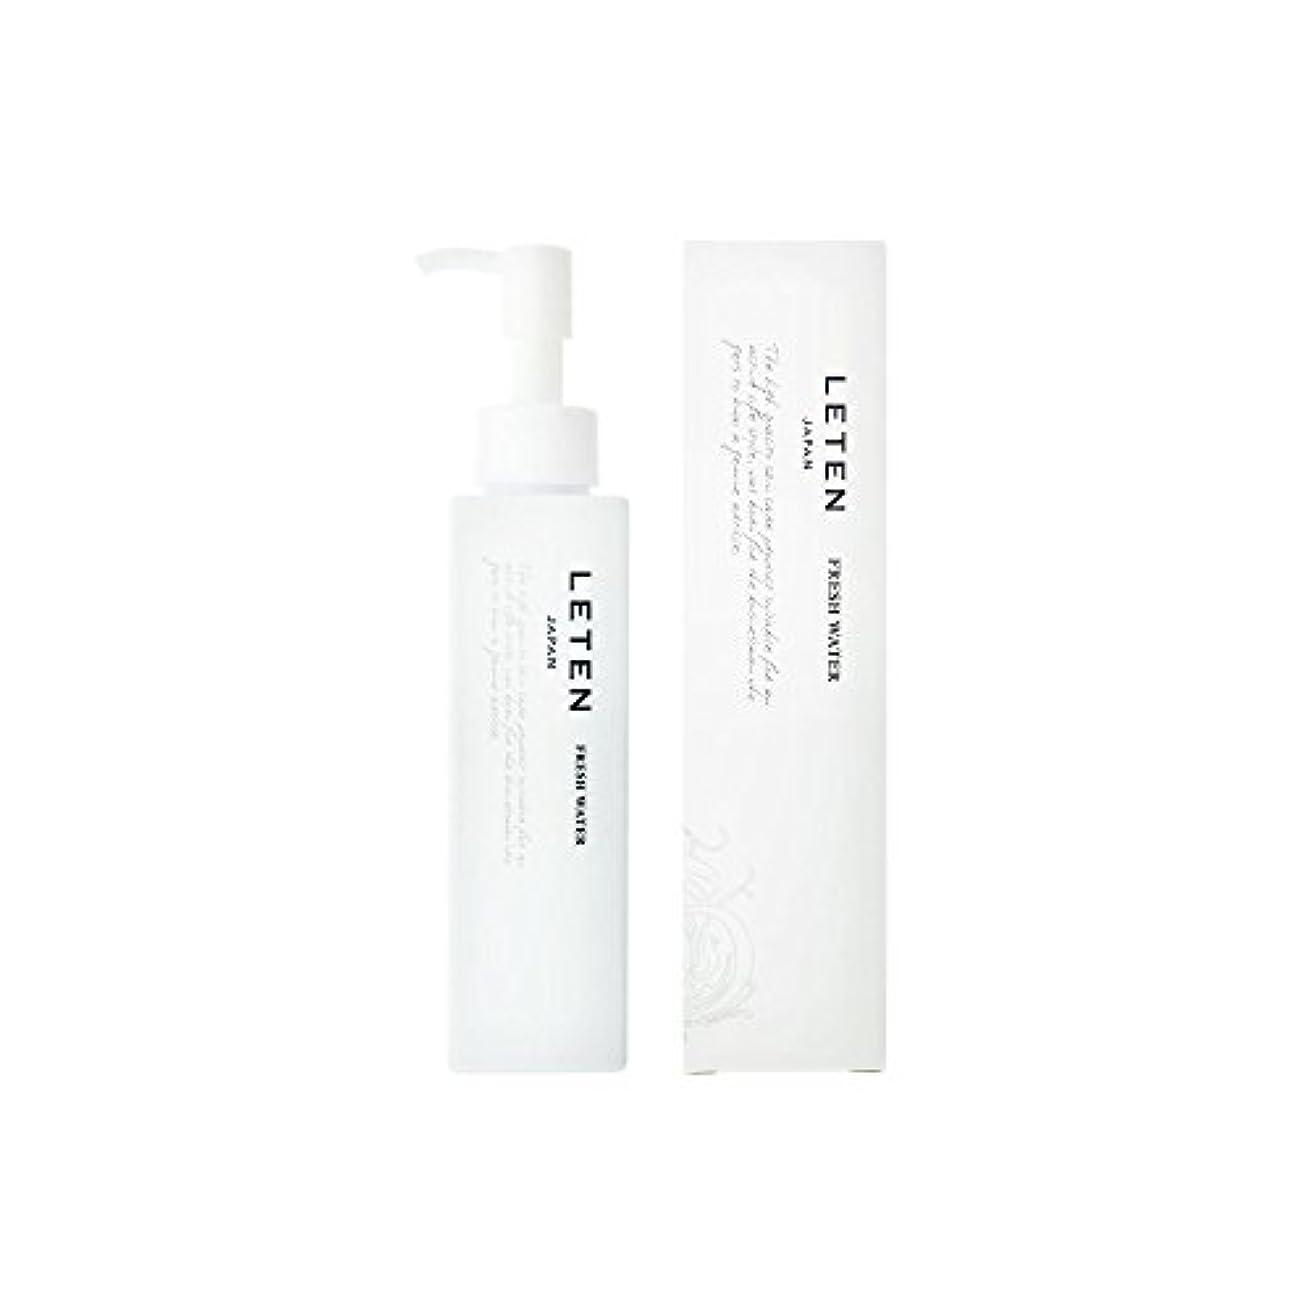 発掘する希少性同化するレテン (LETEN) フレッシュウォーター 150ml 化粧水 敏感肌